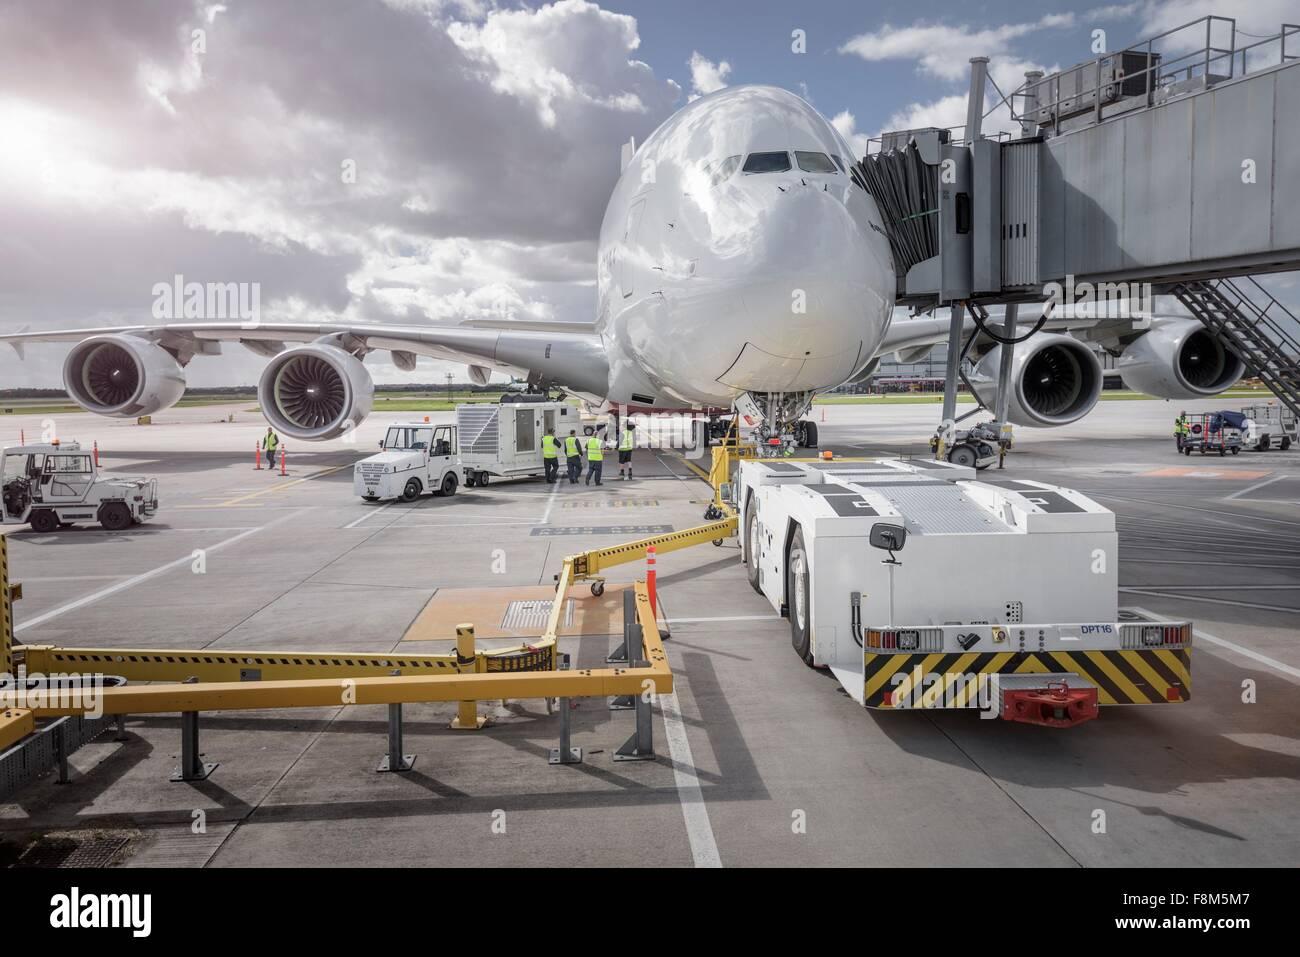 Ground Crew operan los equipos de carga de aviones A380 Imagen De Stock